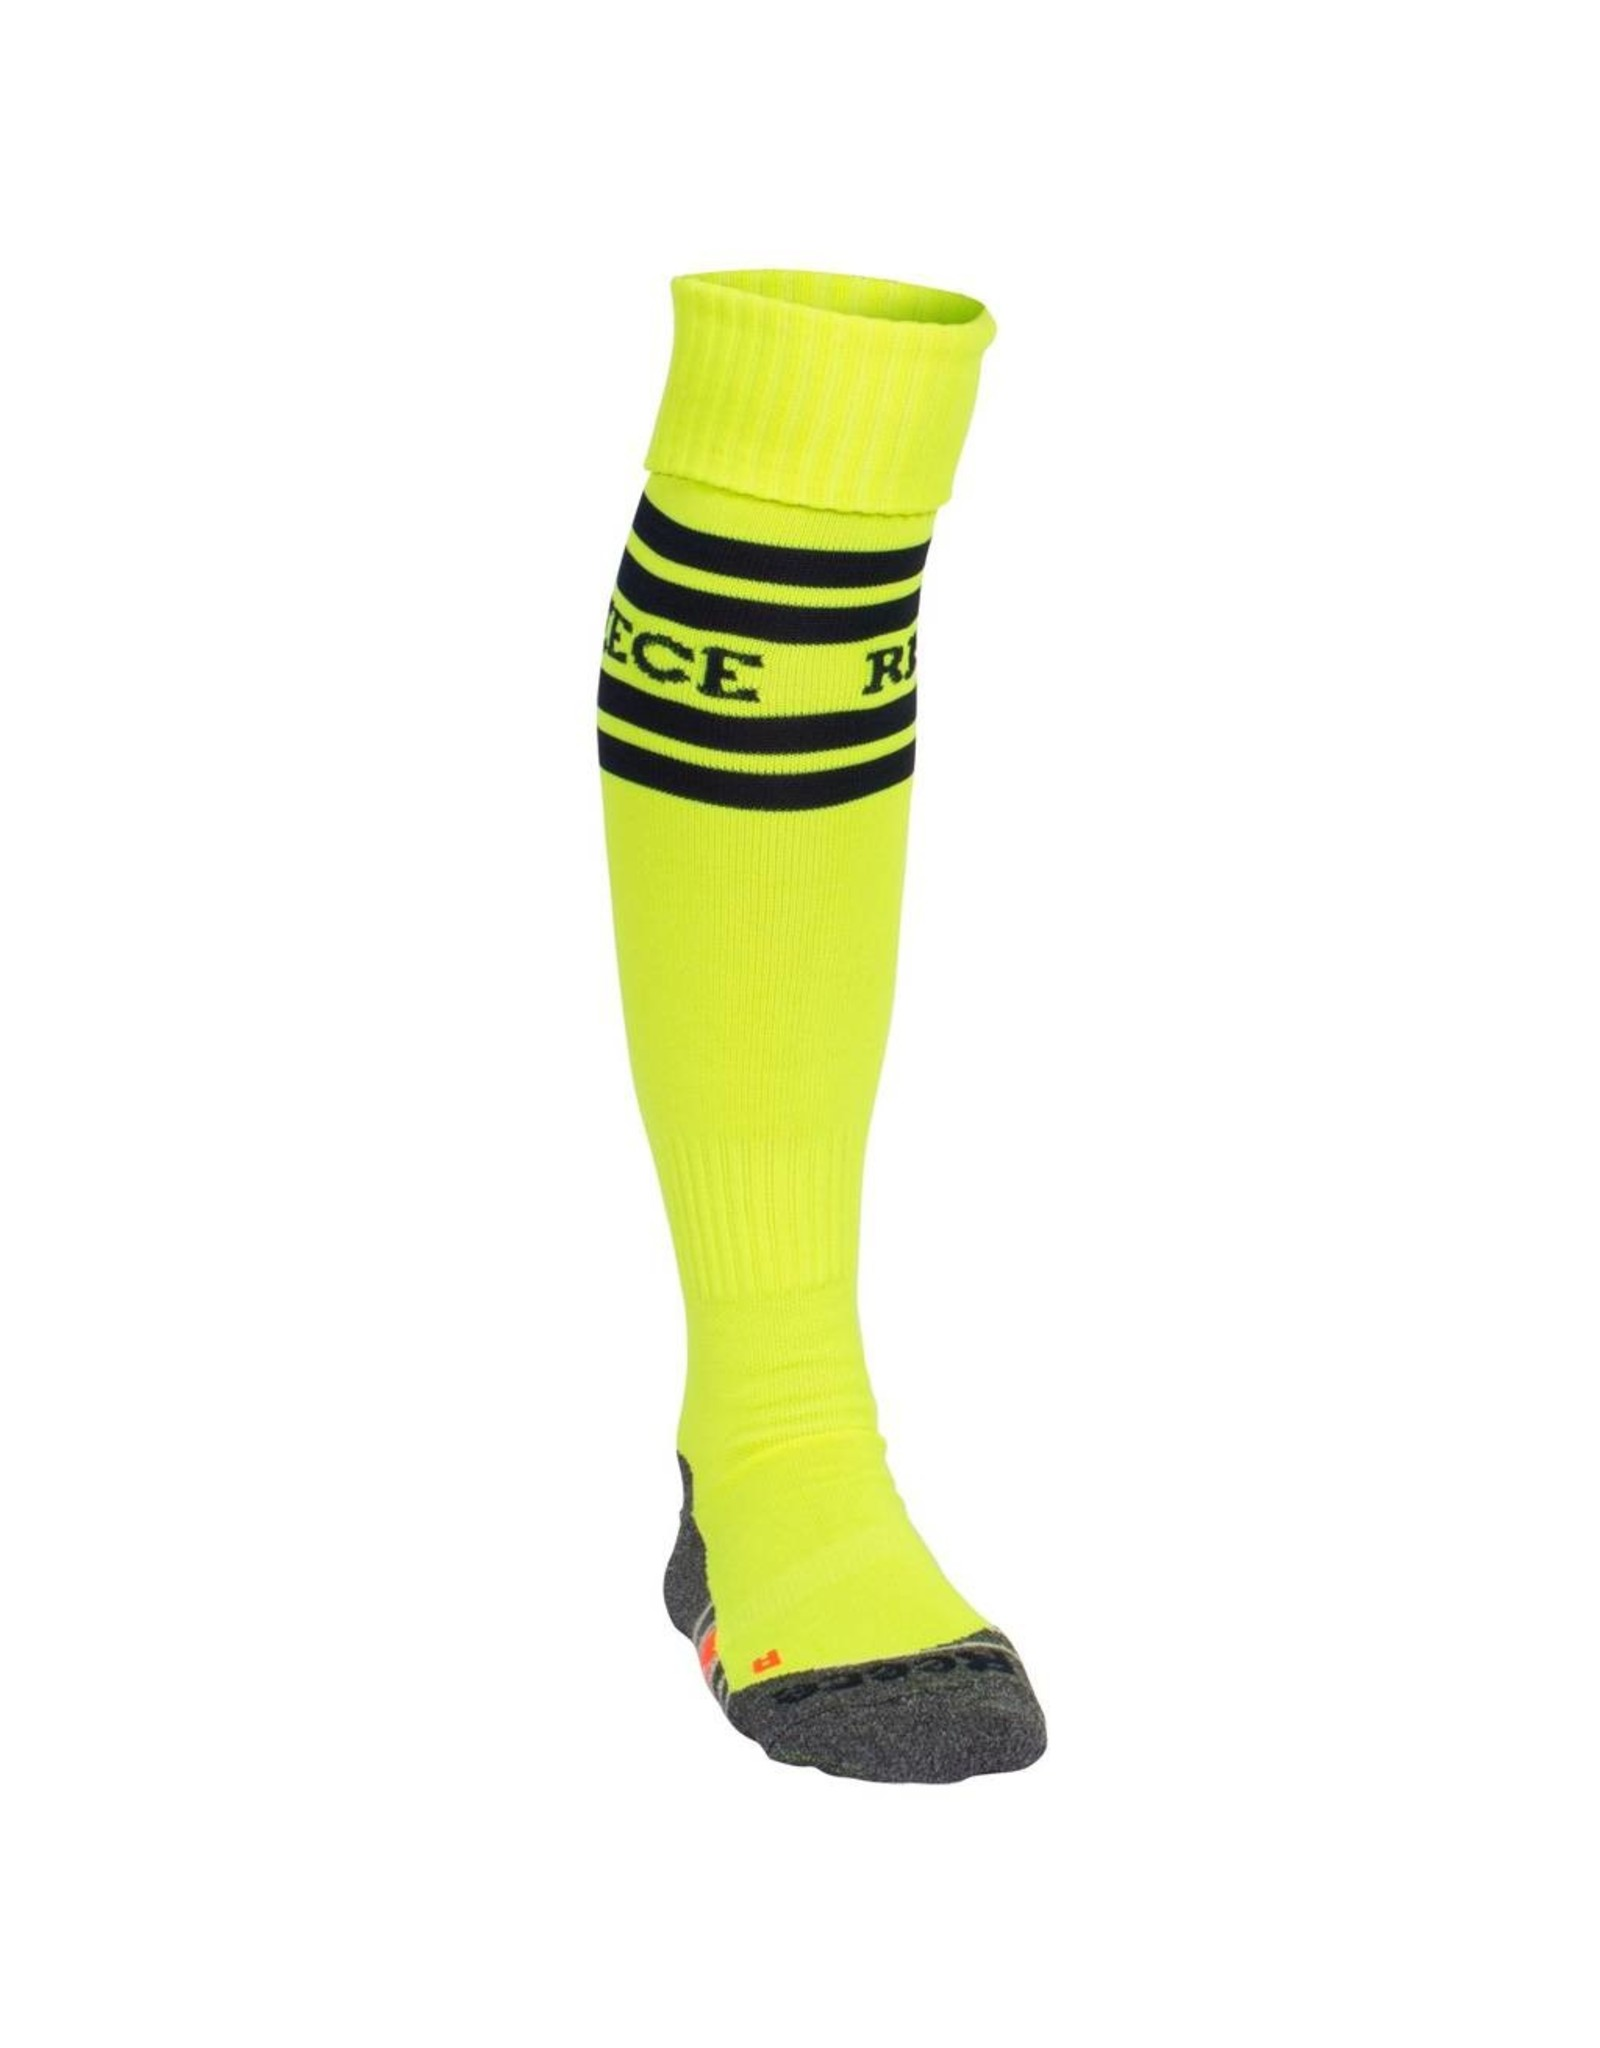 Reece College Sock